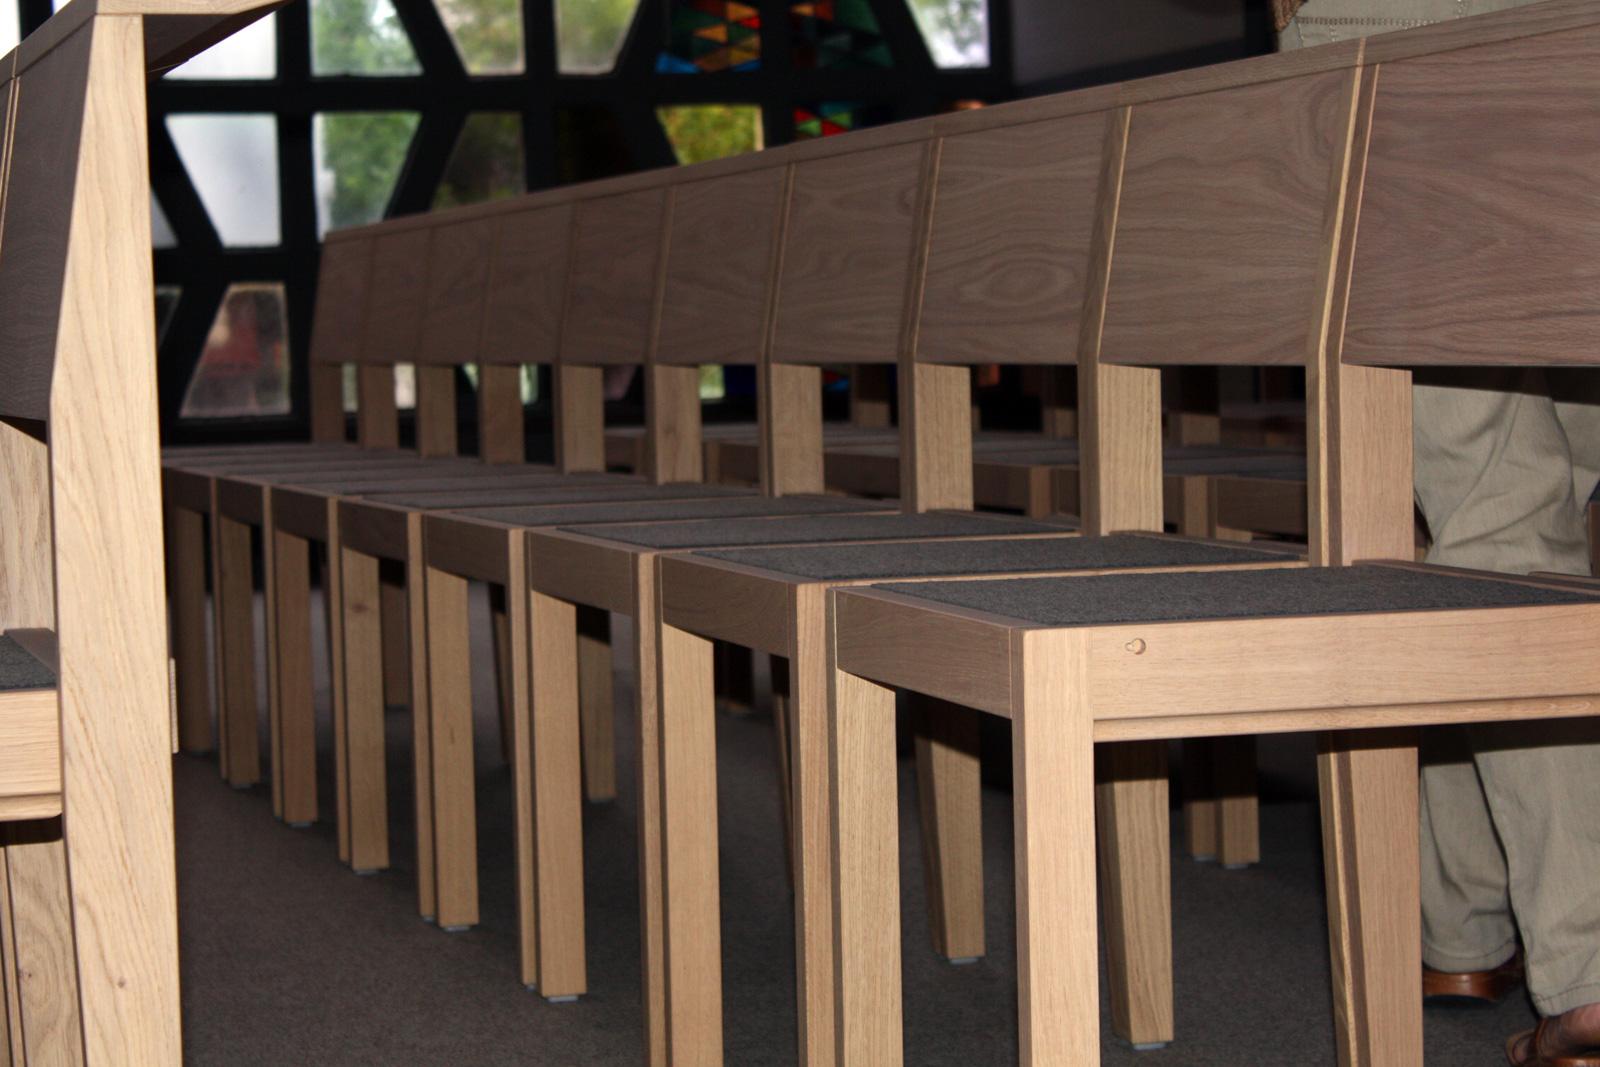 Kirchenstühle für sakrale Räume von Stoelcker Kirchenstühle